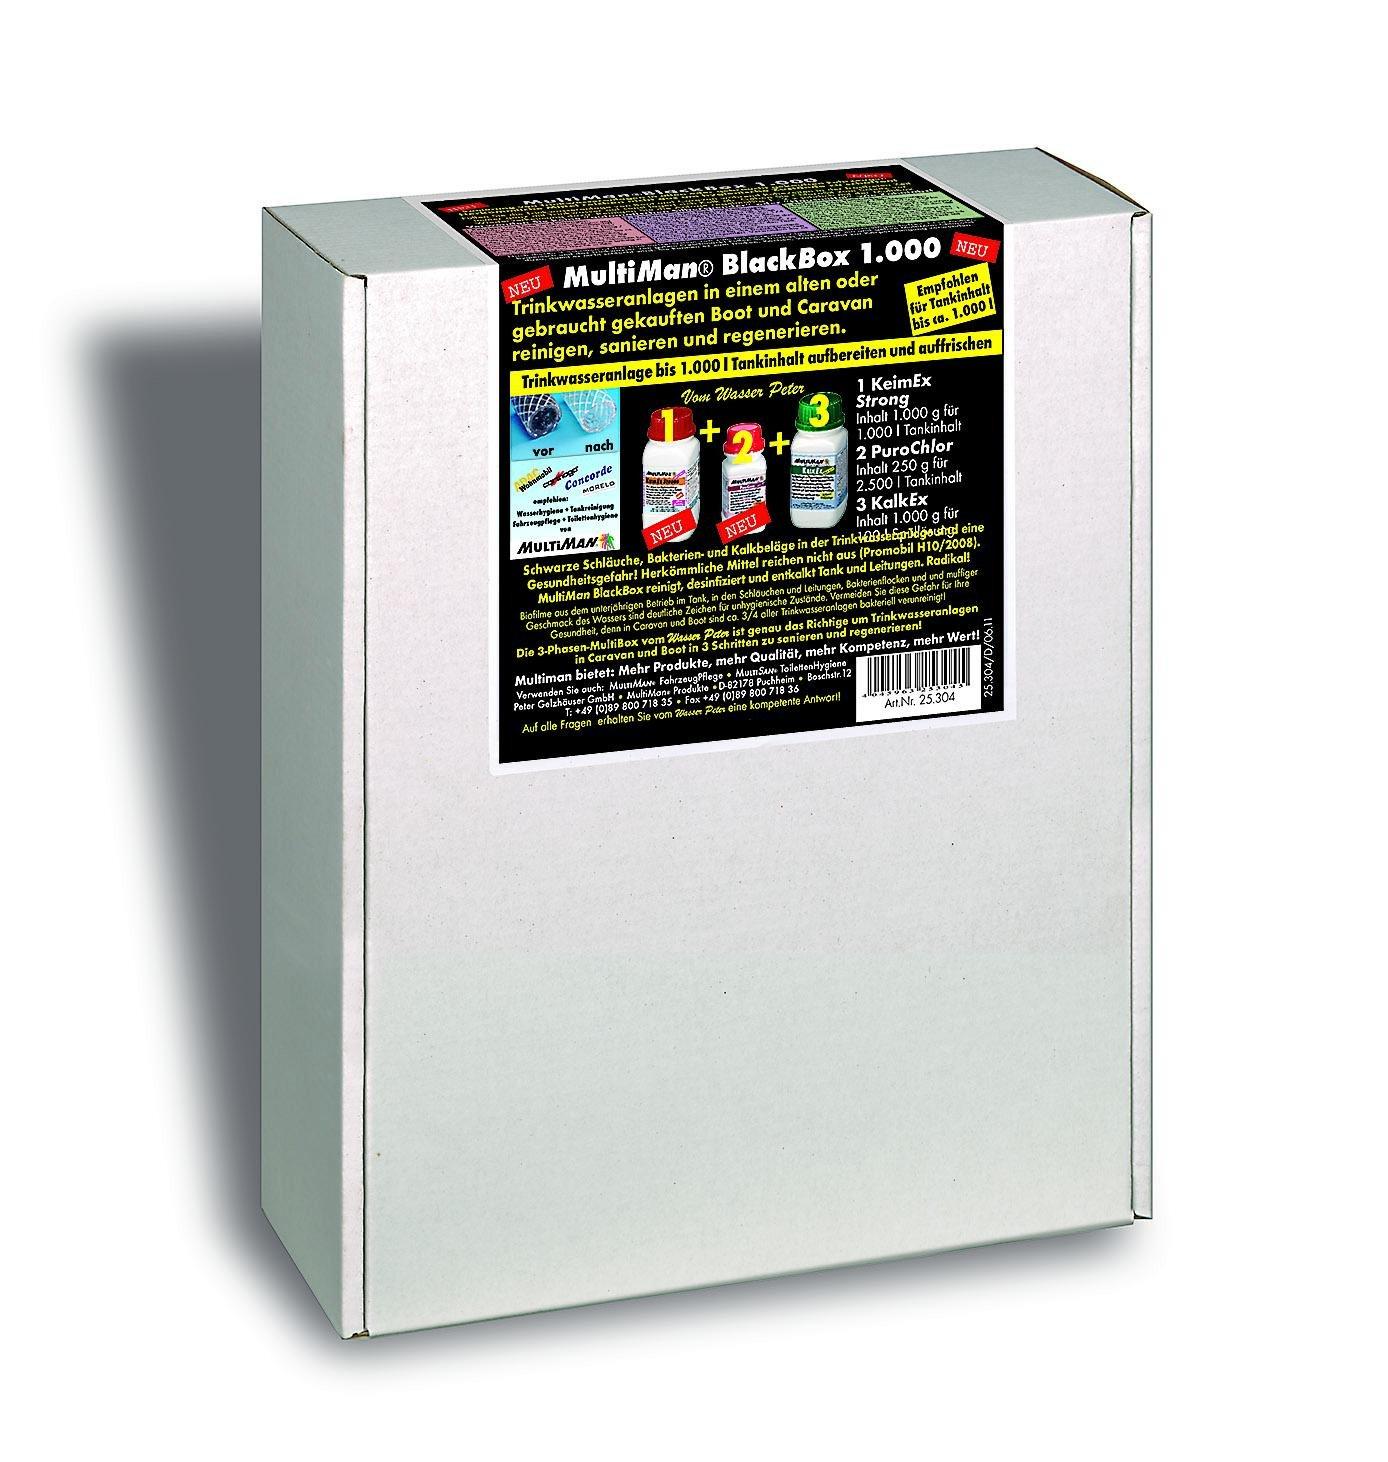 MultiMan, kit BlackBox, per la pulizia e il risanamento degli impianti di acqua potabile [etichetta in lingua italiana non garantita]